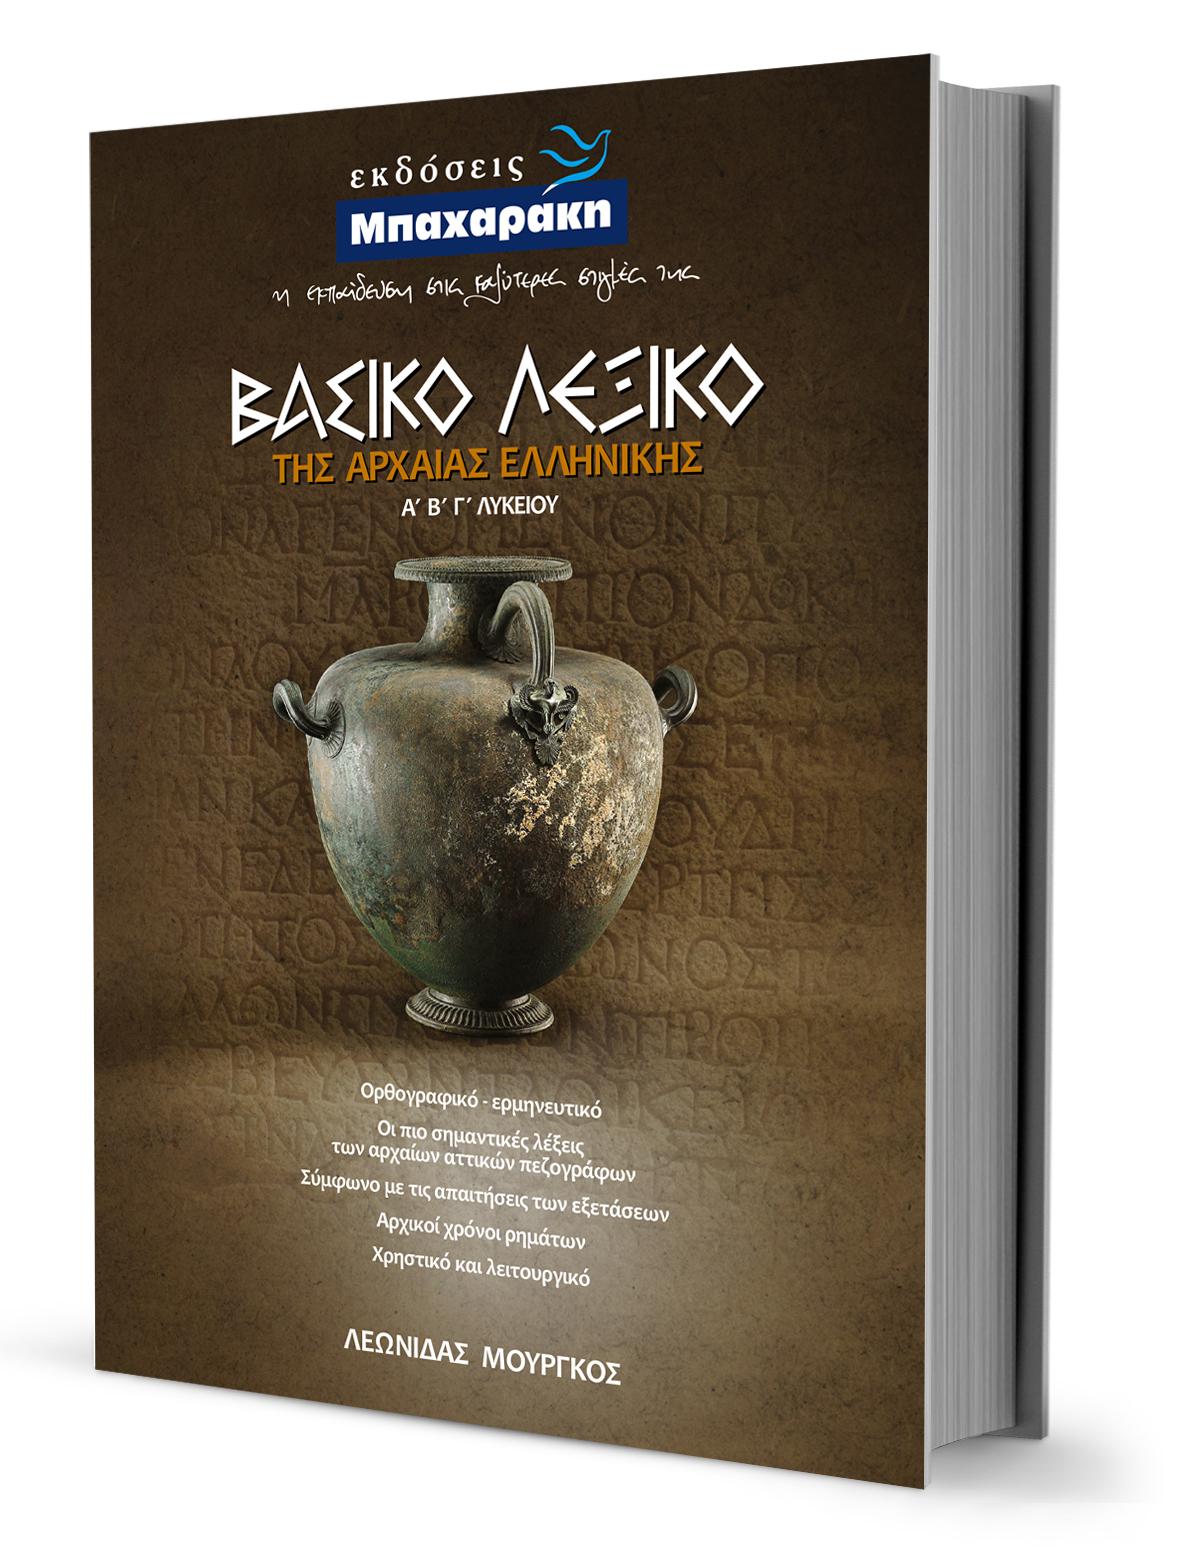 Εκδόσεις Μπαχαράκη: ΒΑΣΙΚΟ ΛΕΞΙΚΟ της Αρχαίας Ελληνικής Α΄, Β', Γ' Λυκείου